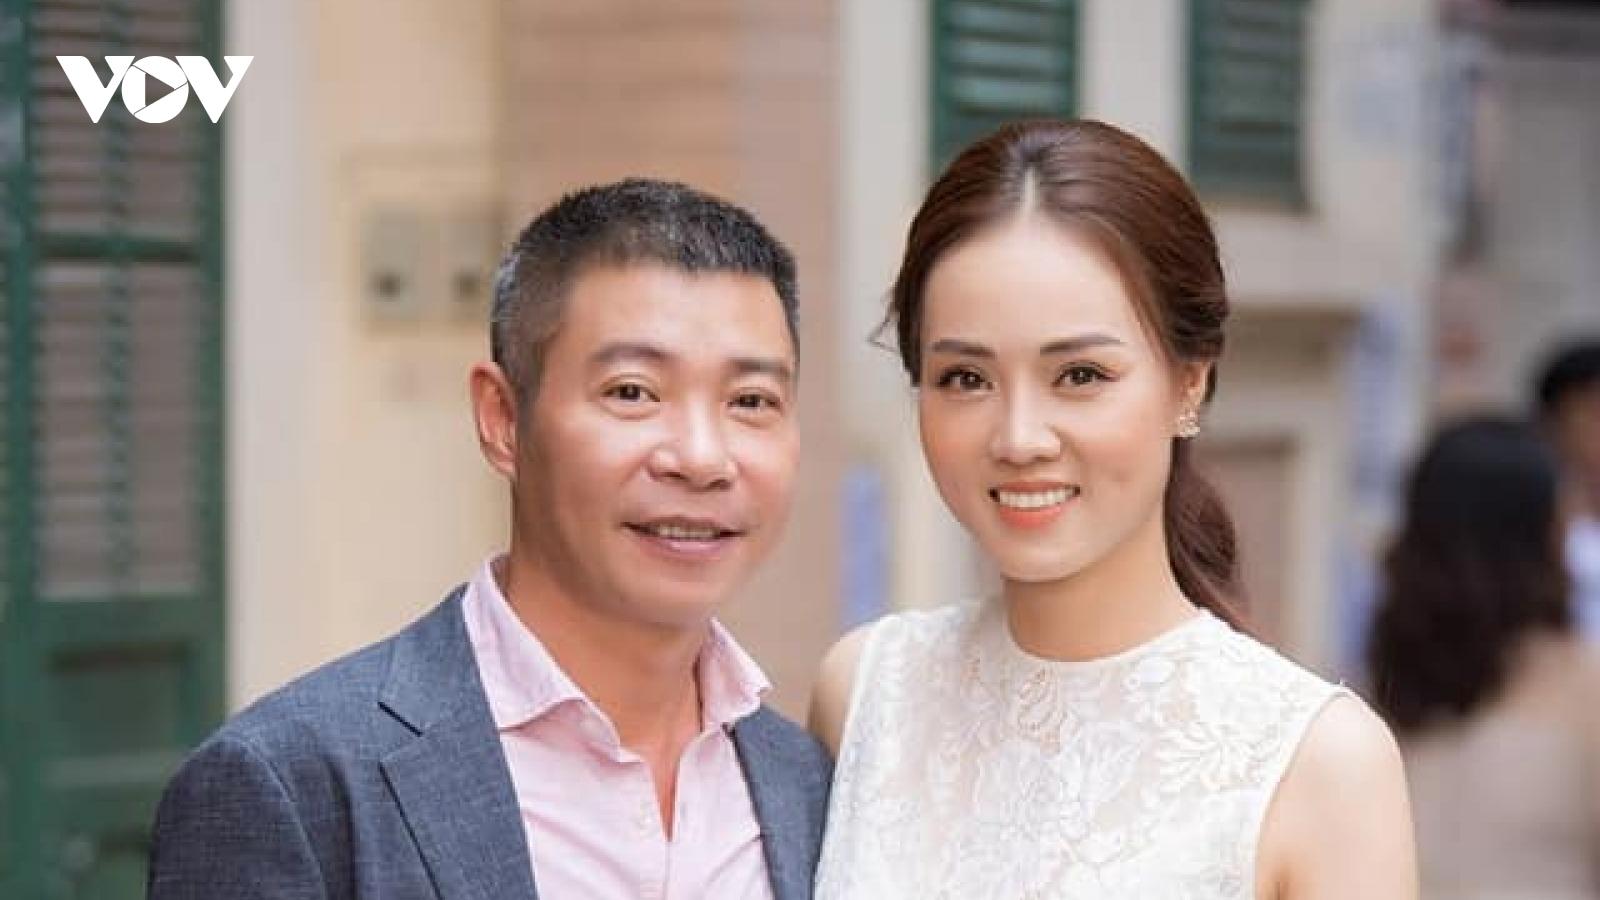 NSND Công Lý sắp kết hôn lần thứ 3 với bạn gái kém 15 tuổi